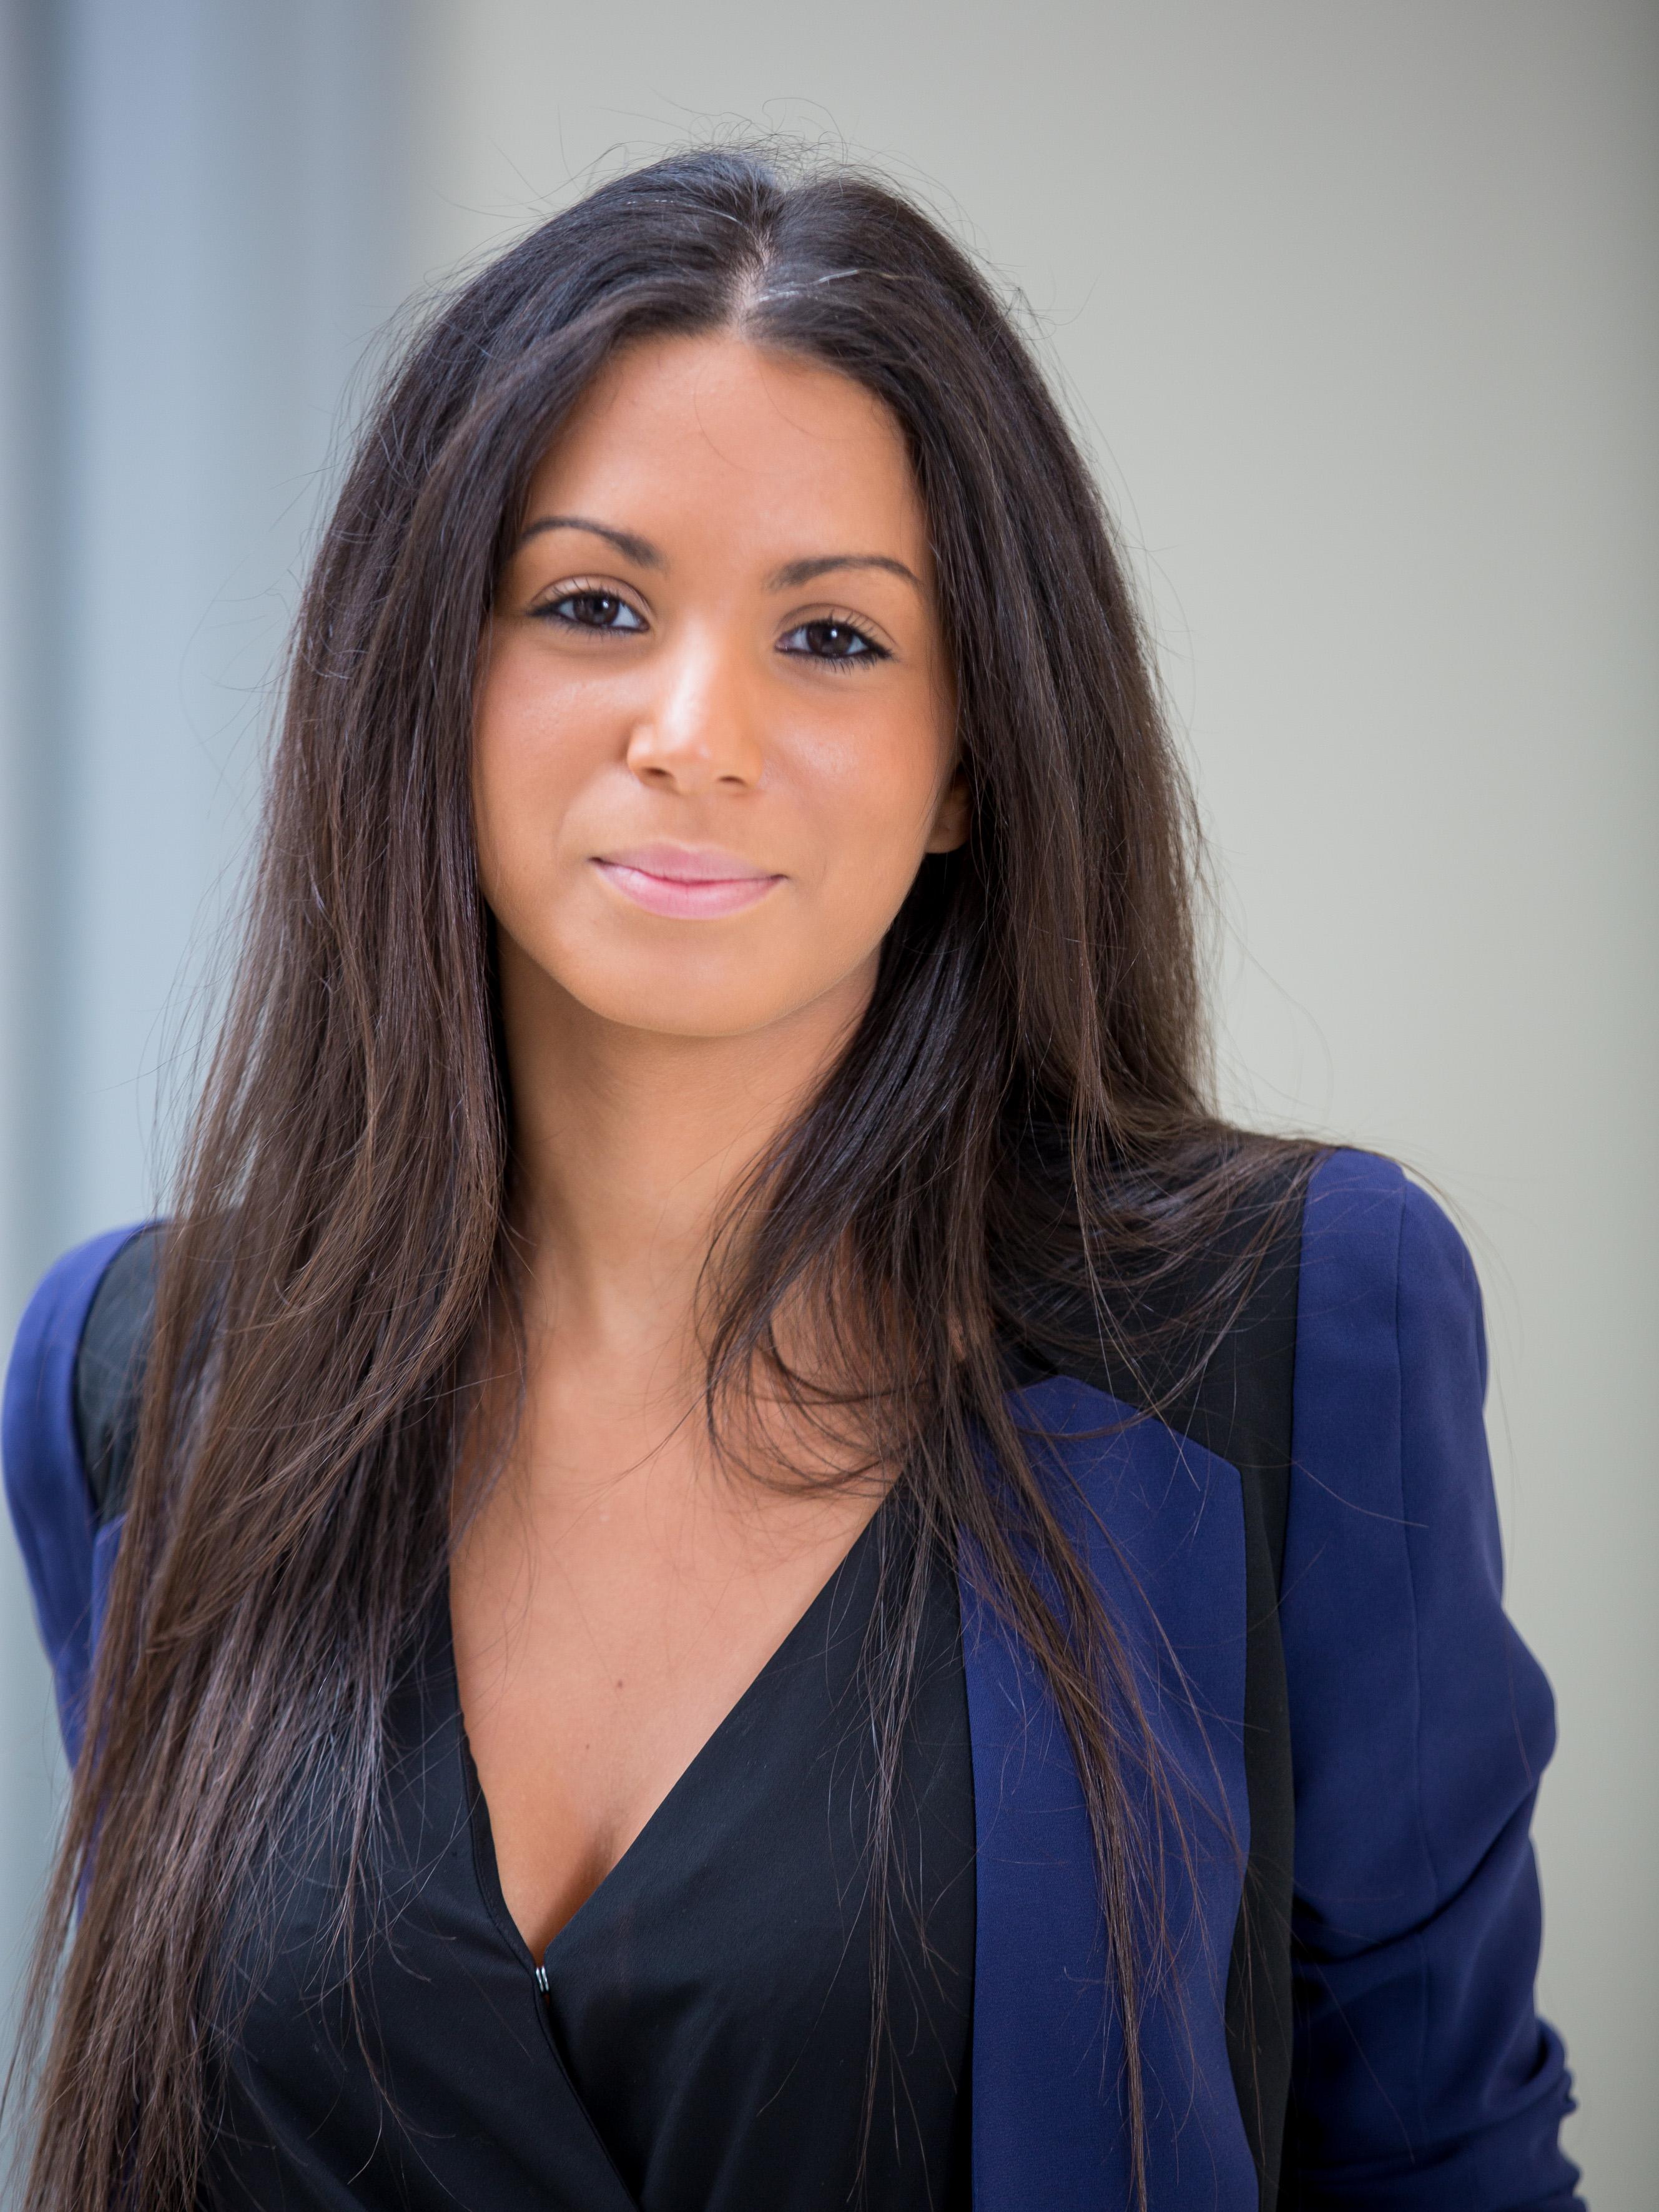 http://www.de-pardieu.com/wp-content/uploads/2015/11/Sandra-Aloui-27-HD.jpg